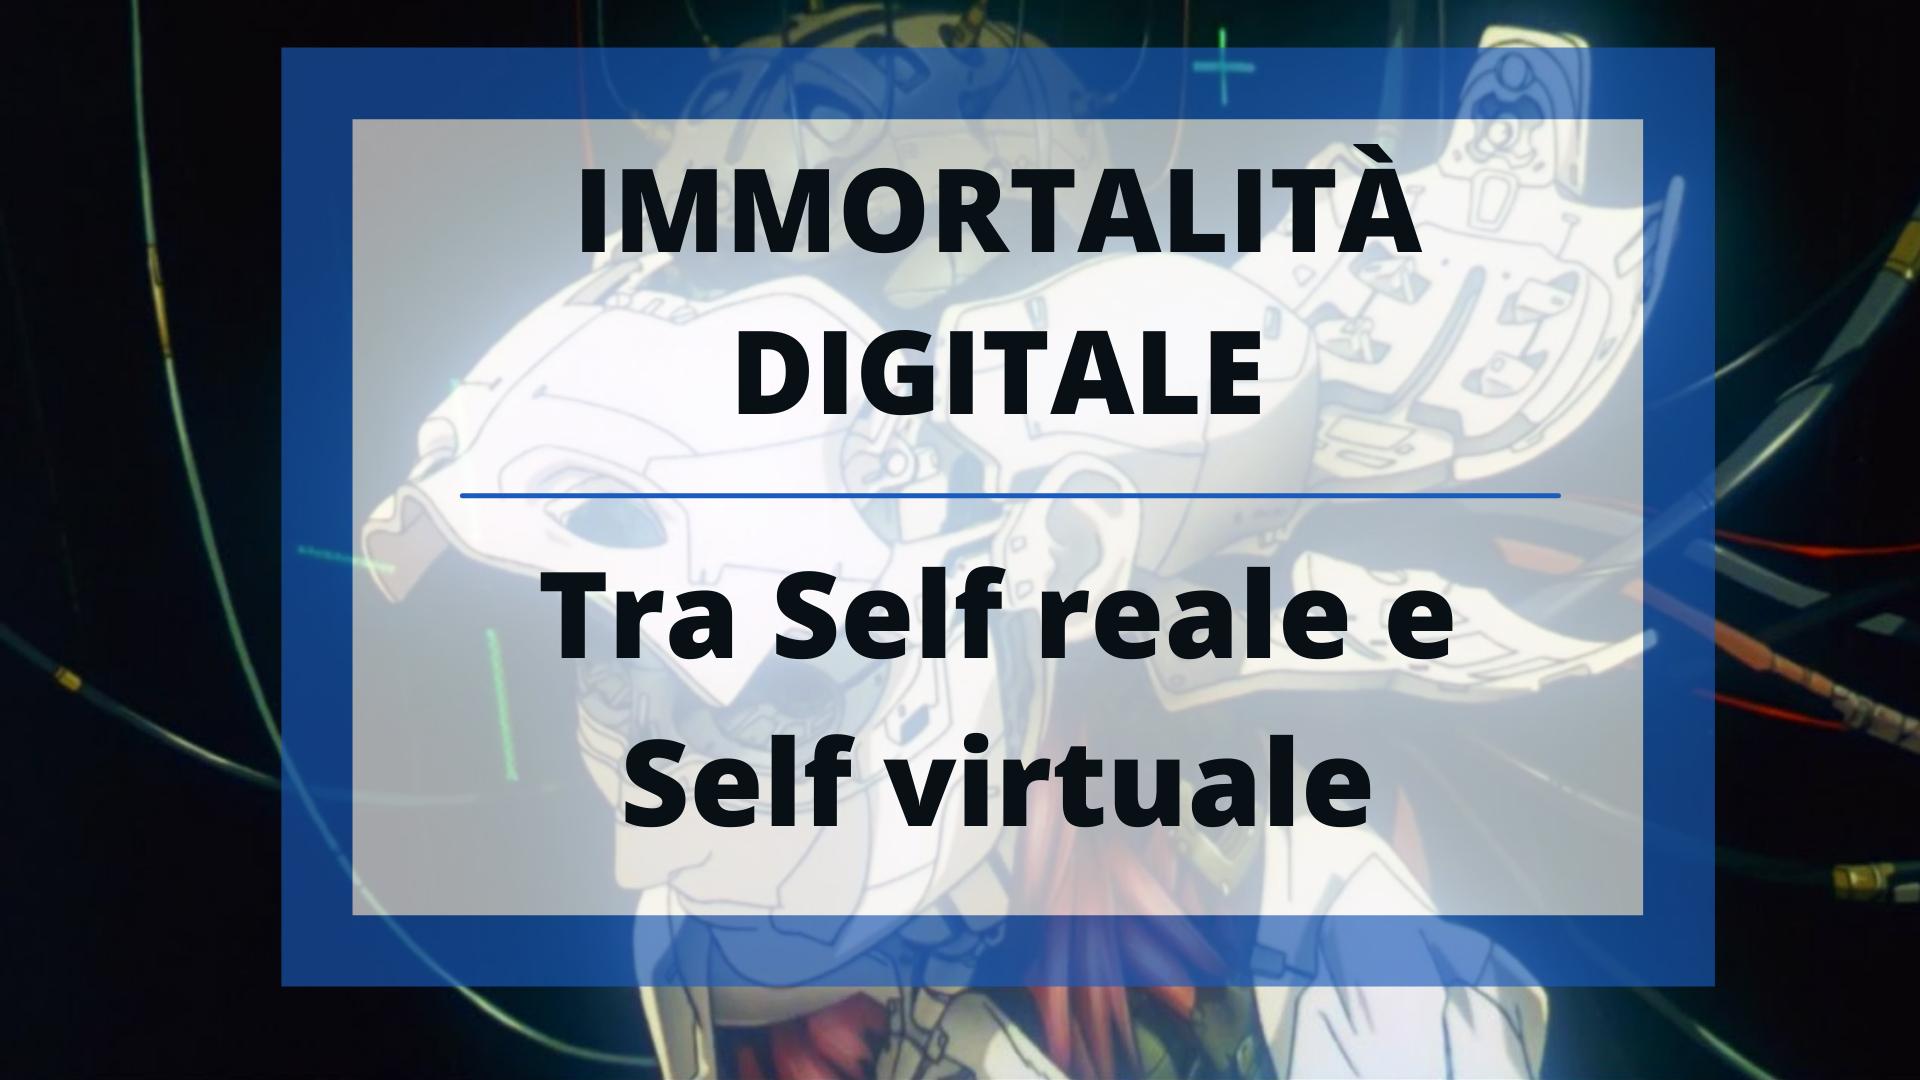 Copertina immortalità digitale tra self reale e self virtuale